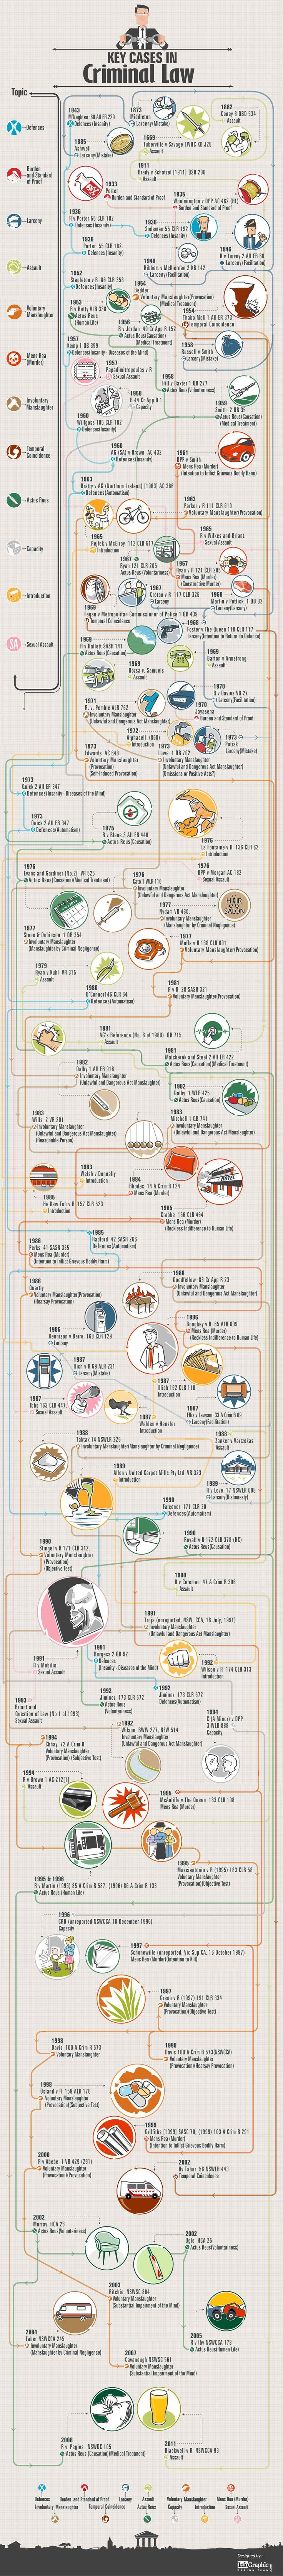 Key Cases In Criminal #Law - A Timeline